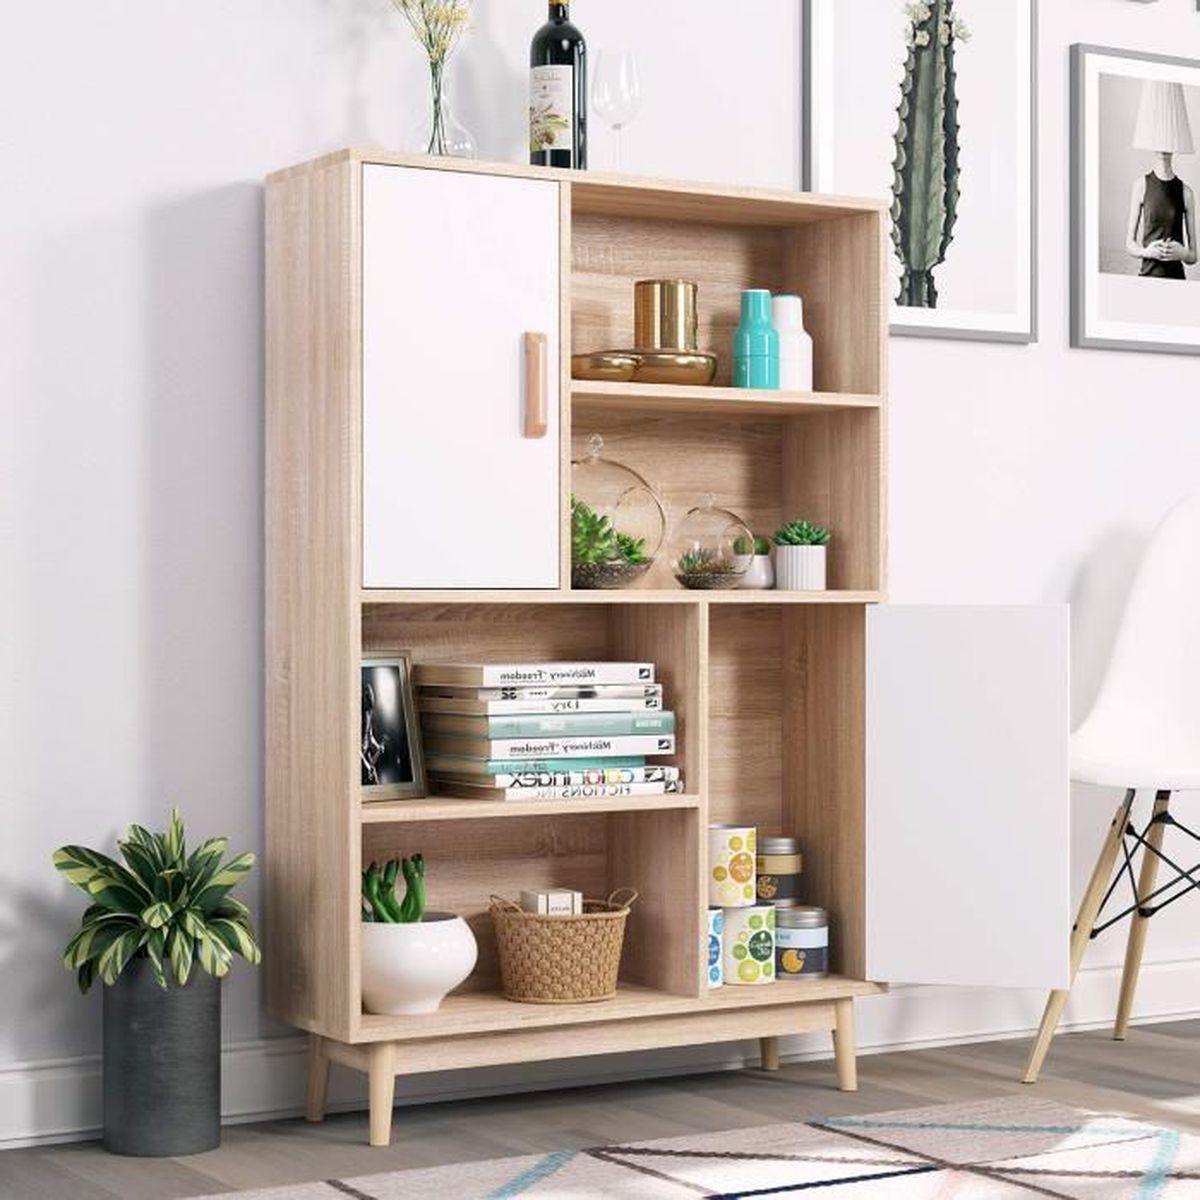 Ajouter Une Étagère Dans Un Placard homfa etagères scandinave meuble de rangement avec placard